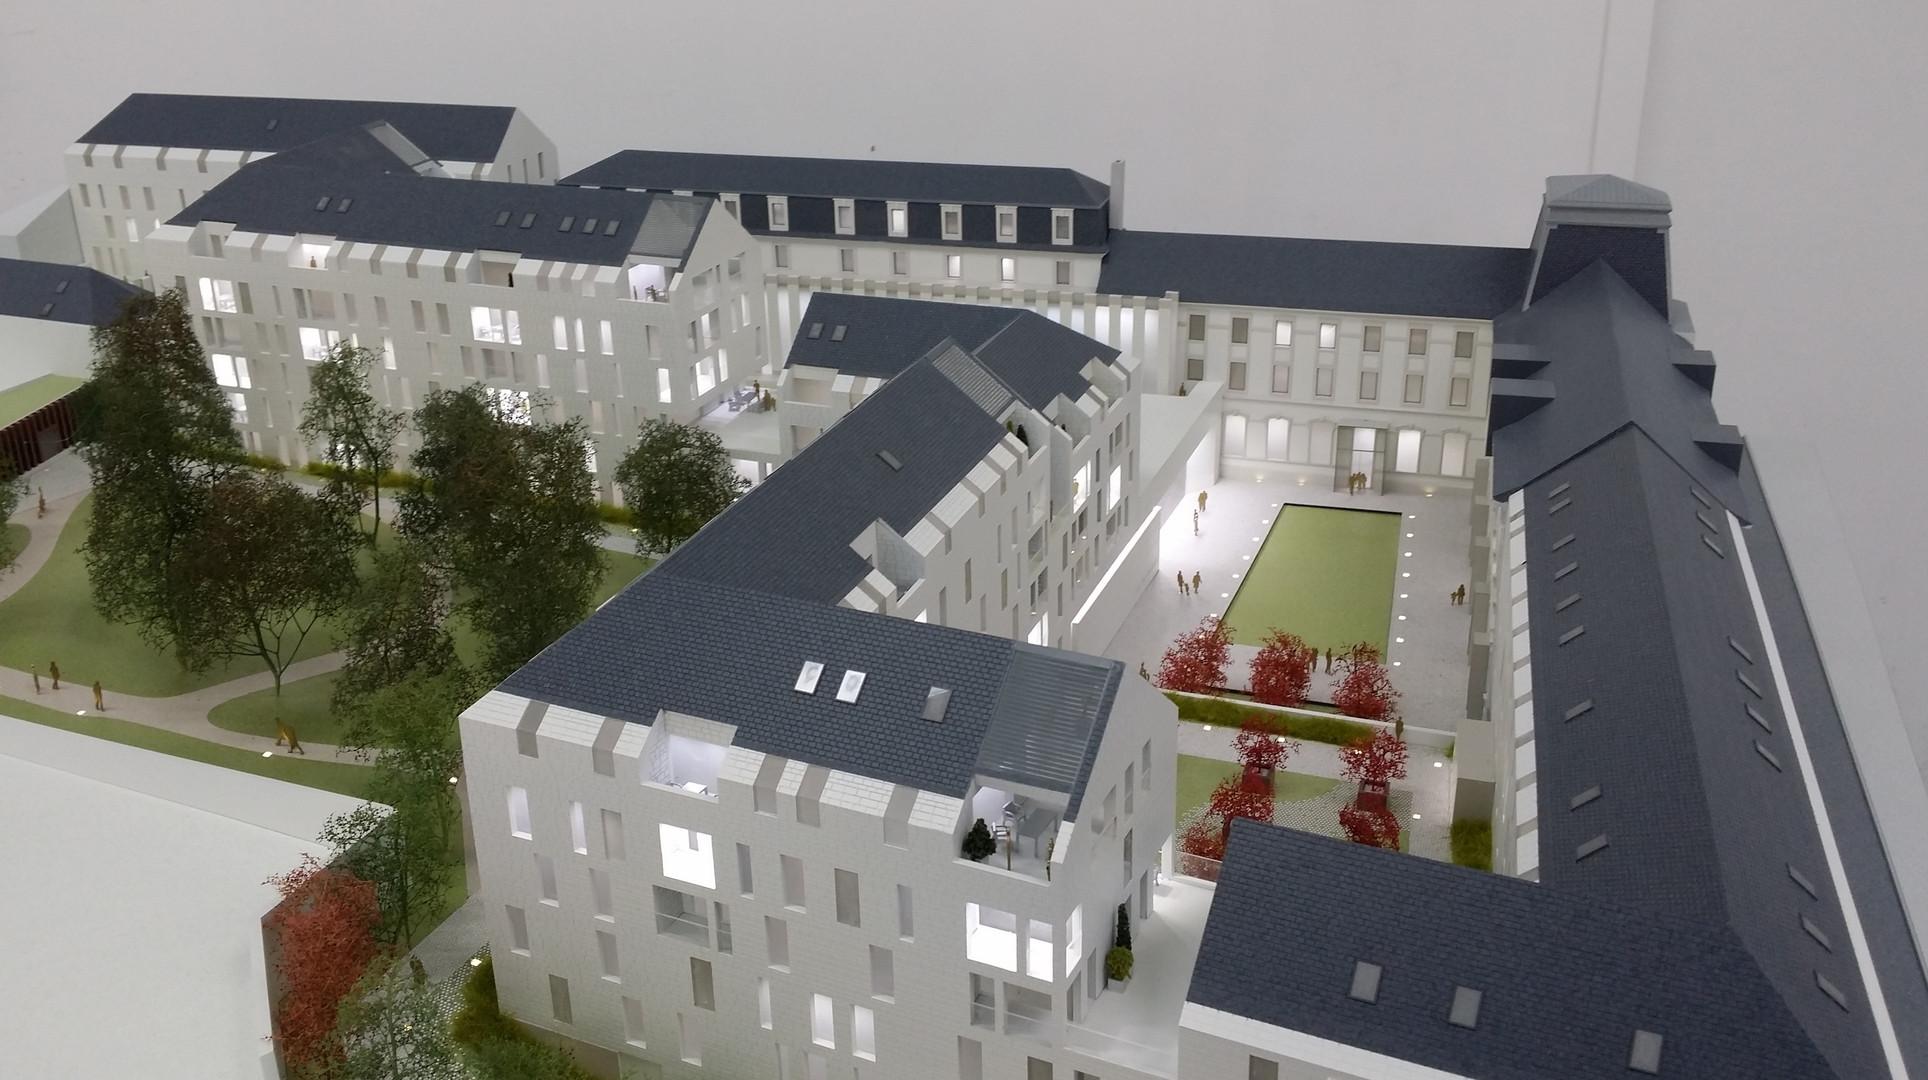 Maquette SAY à Nantes - Promotion immobilière - Atelier Pyramid